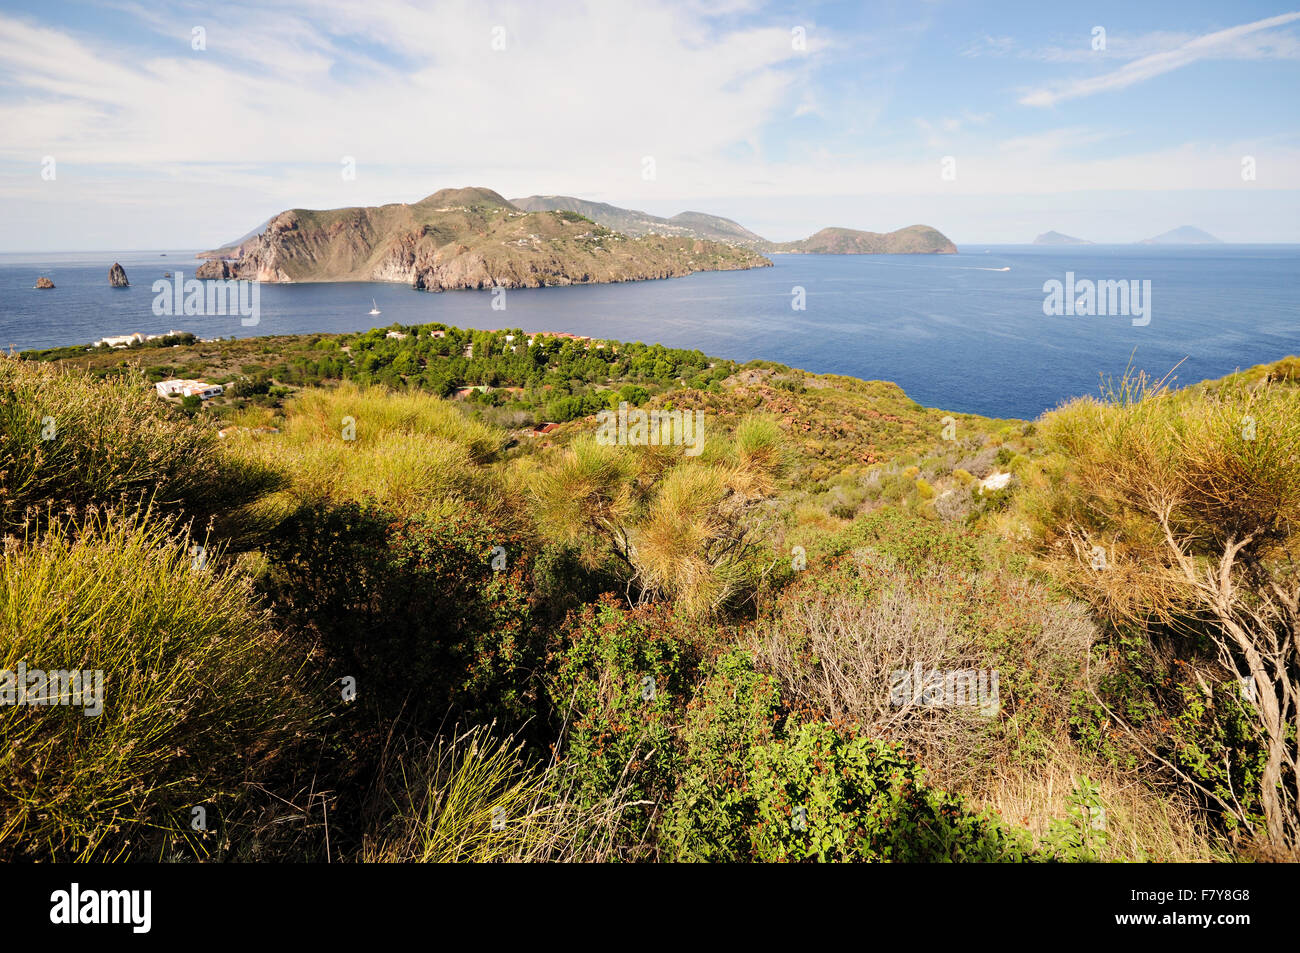 Isola di Lipari visto da Vulcanello, Vulcano, Isole Eolie, in Sicilia, Italia Immagini Stock